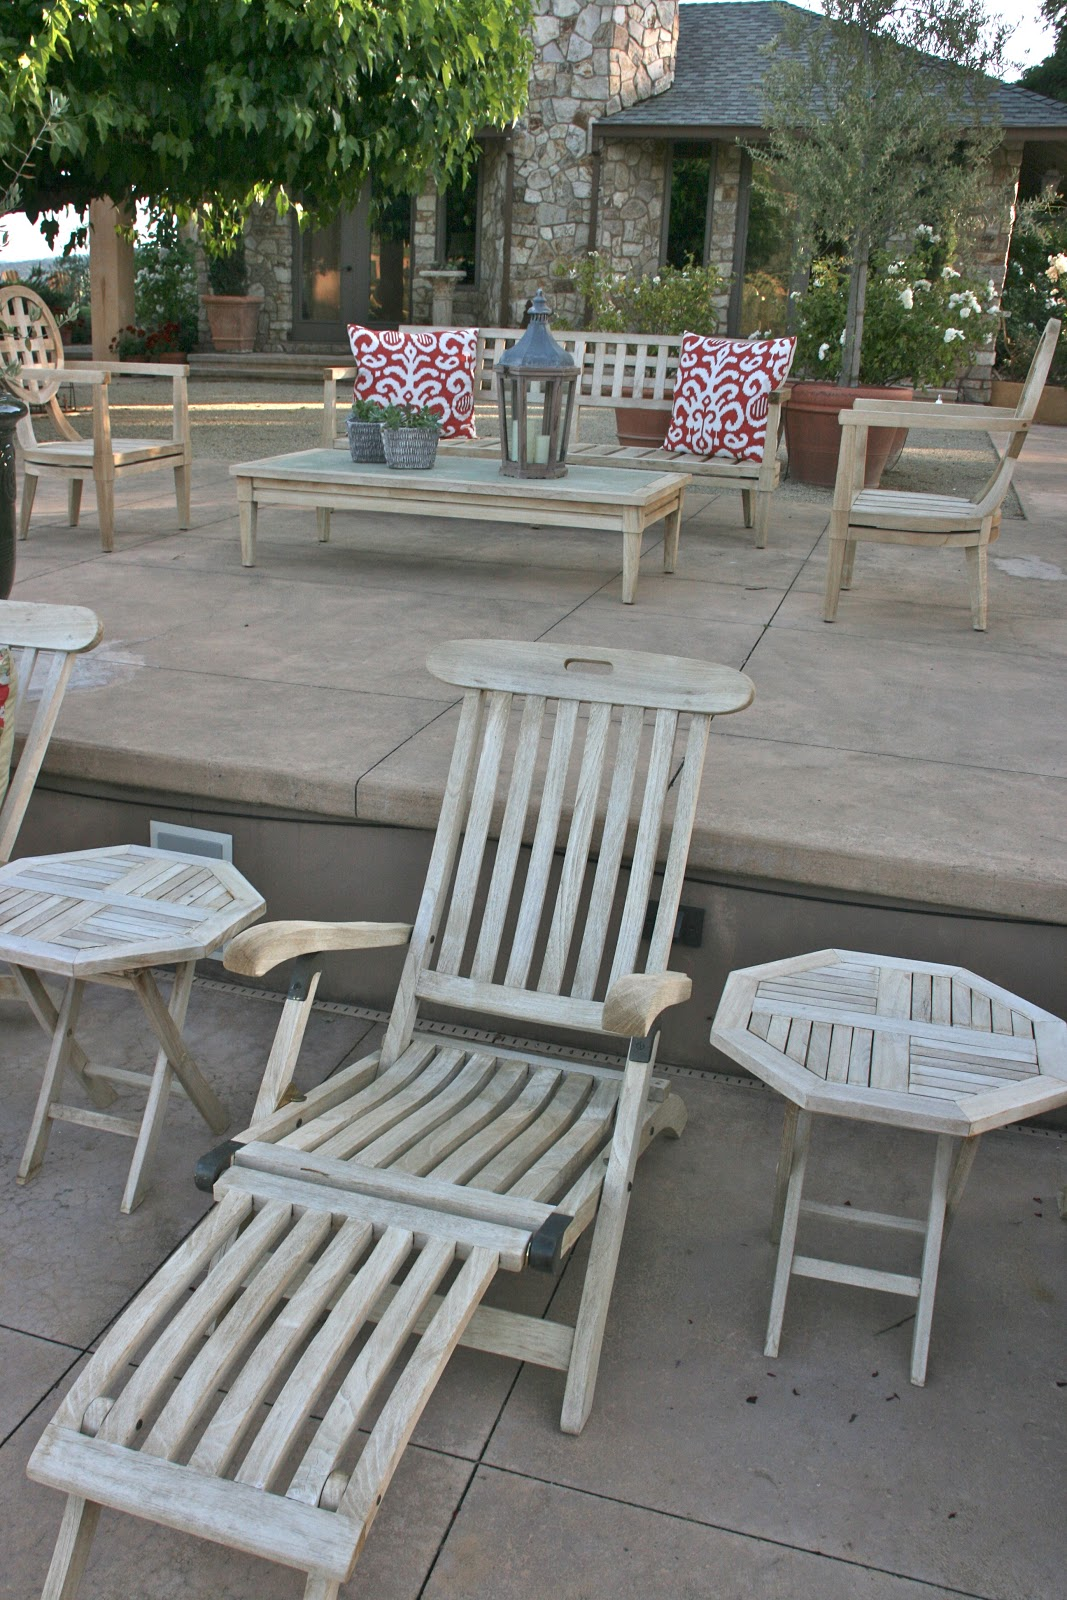 Vignette Design An Outdoor Furniture Restoration Project